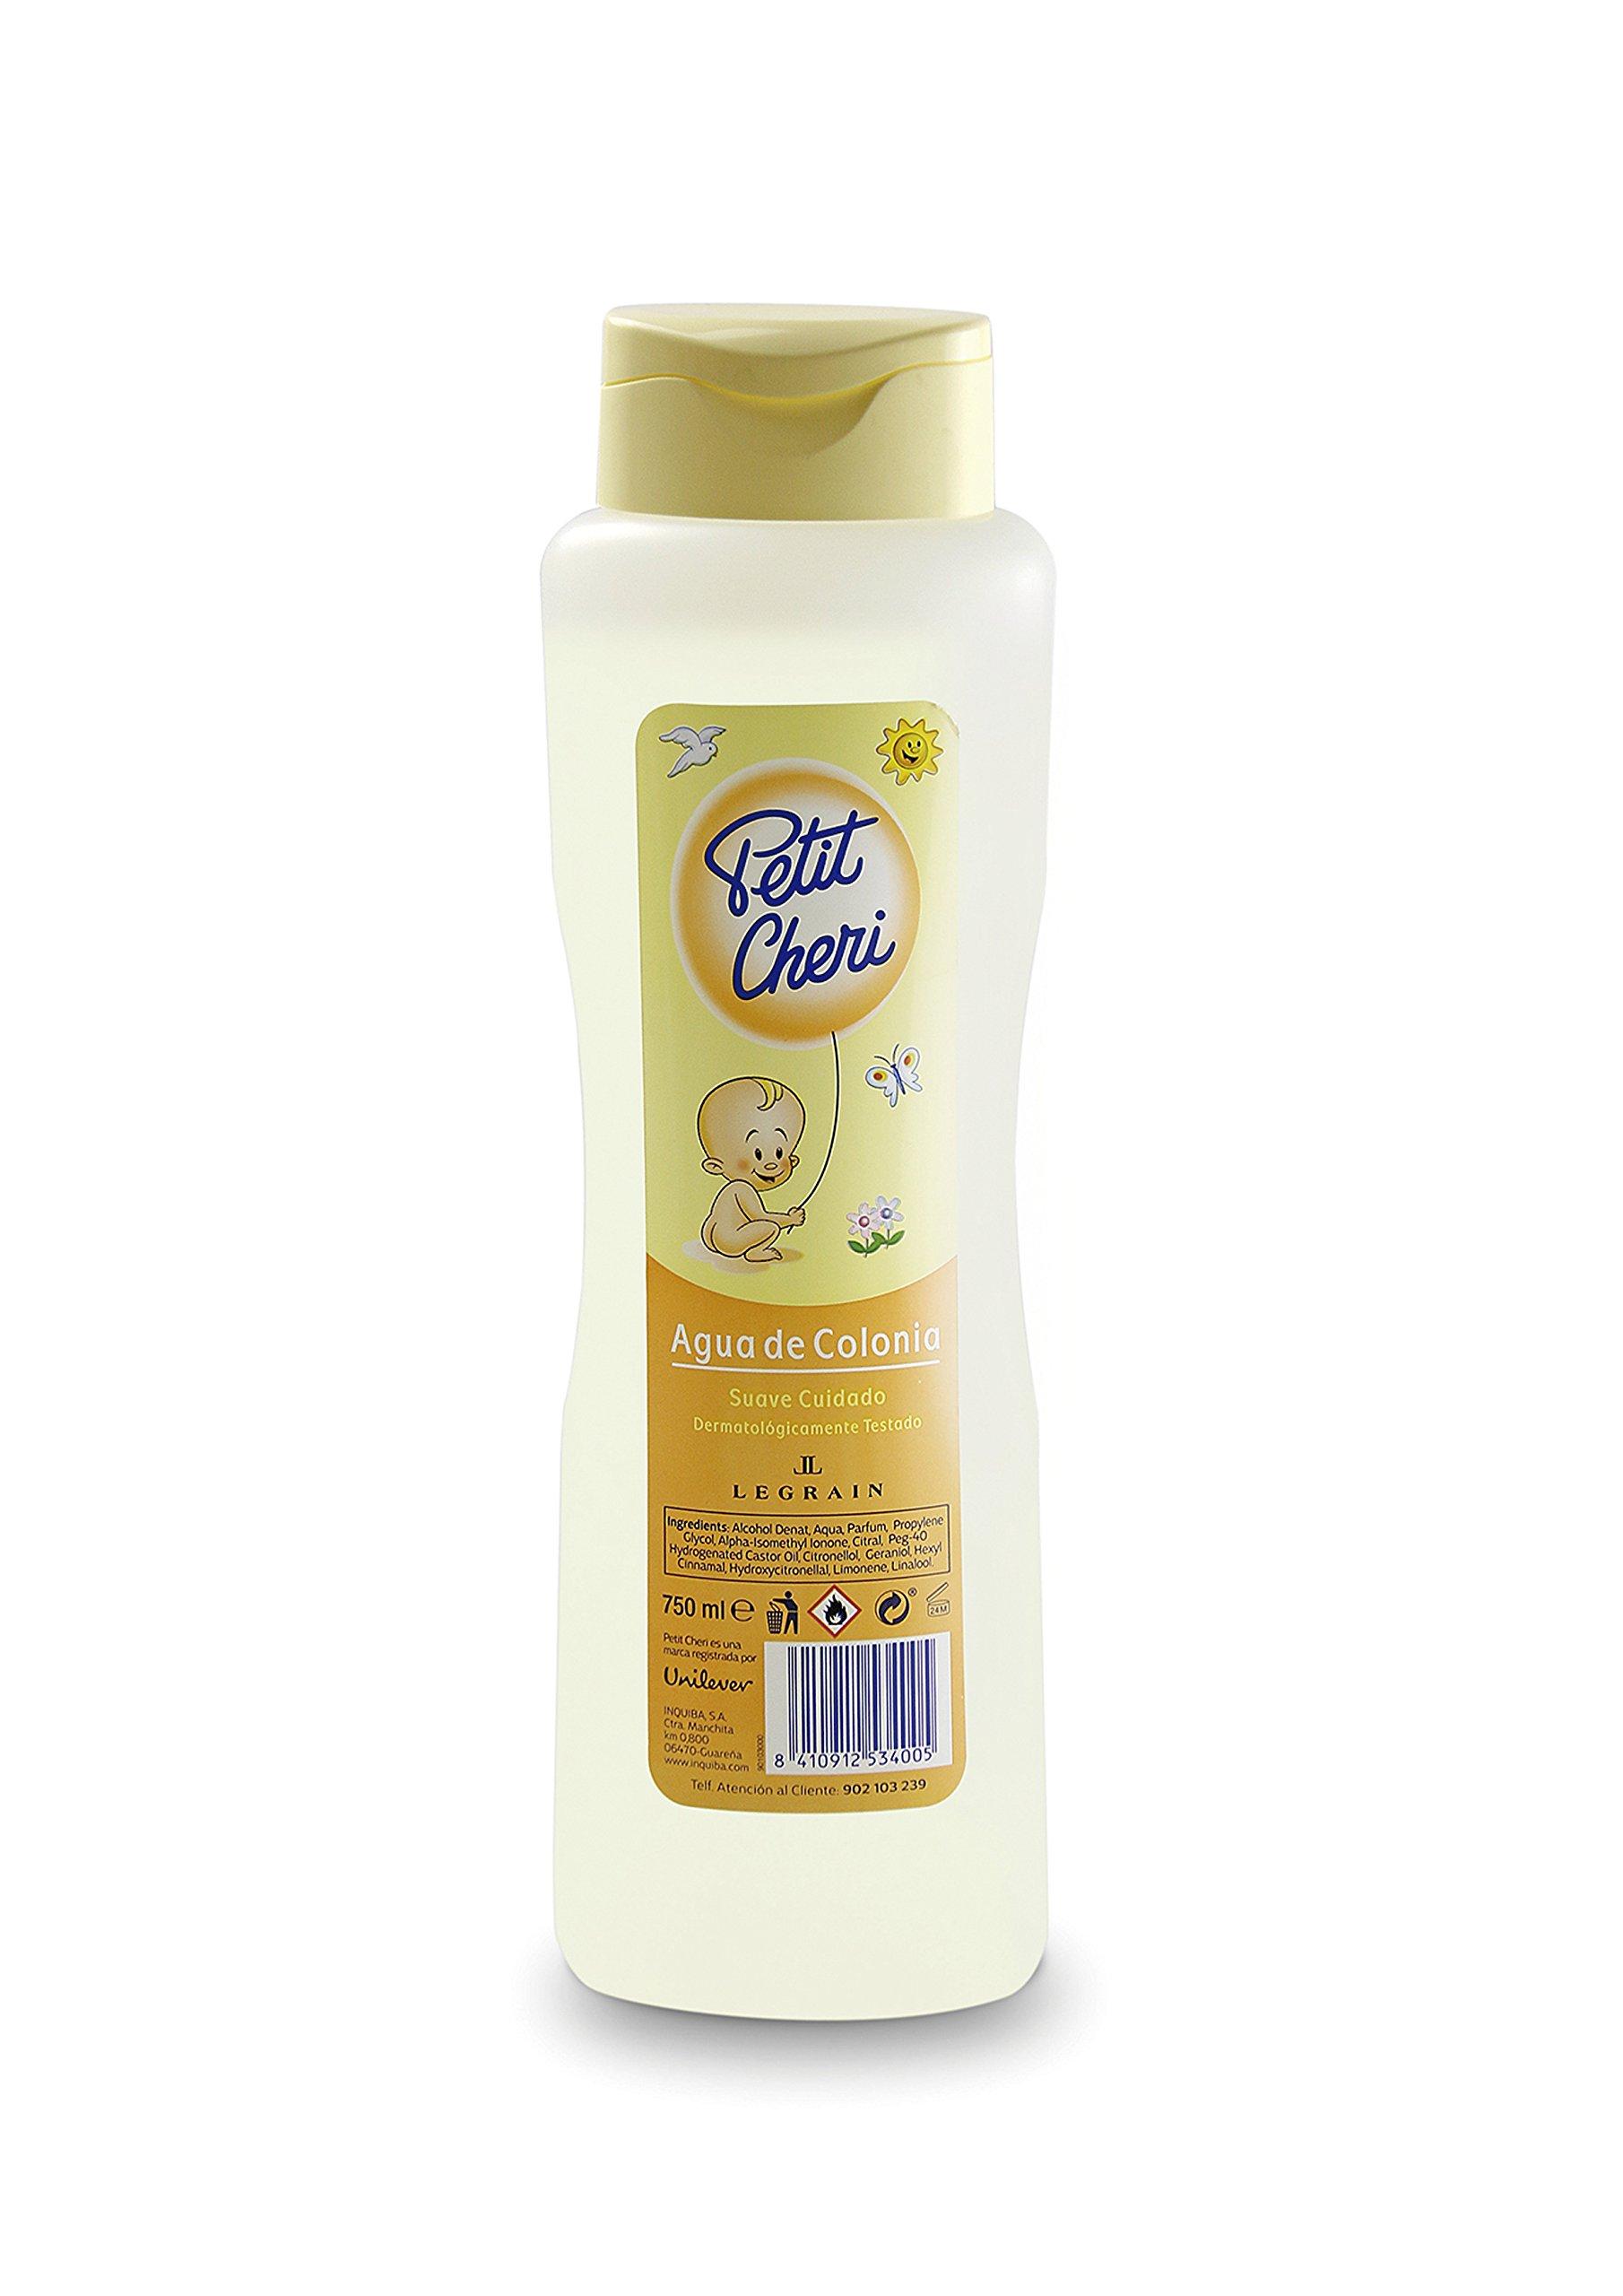 Petit Cheri by Legrain Eau De Cologne 24.9 oz Dermatologist Tested